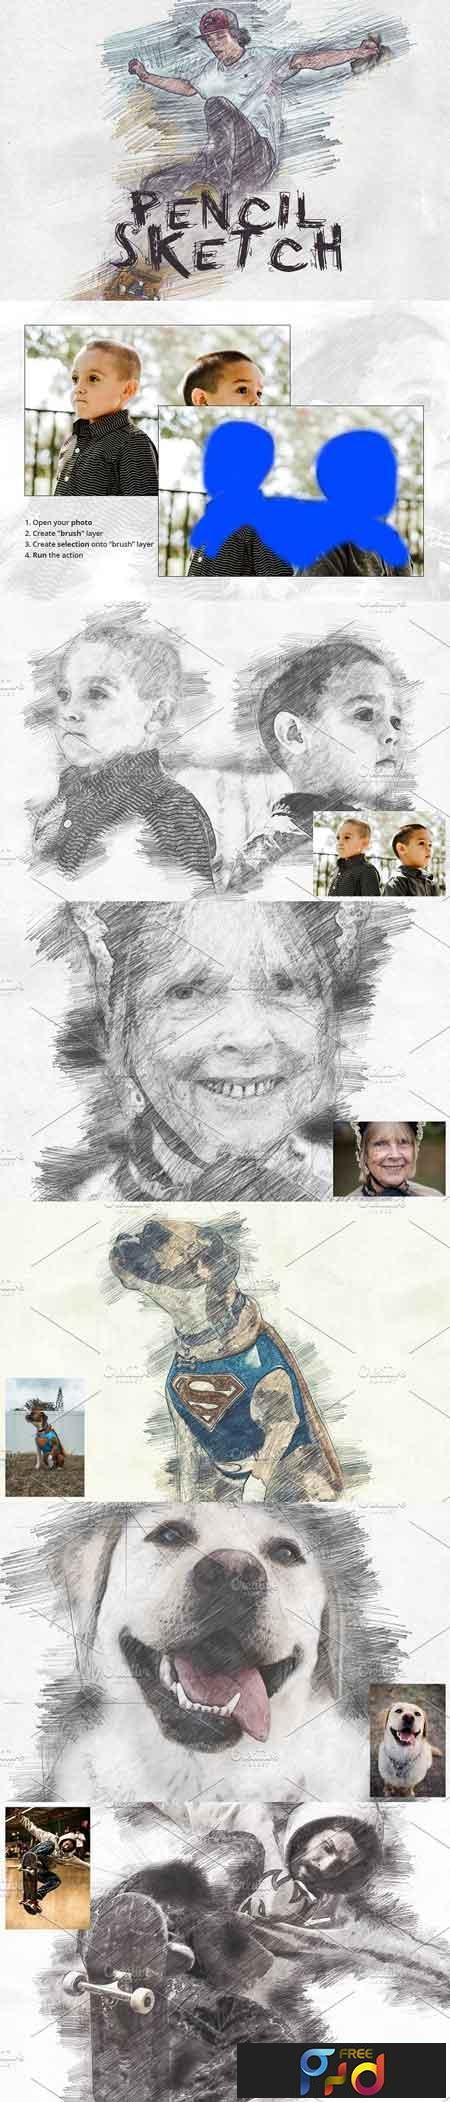 Pencil sketch photoshop action 3131294 1